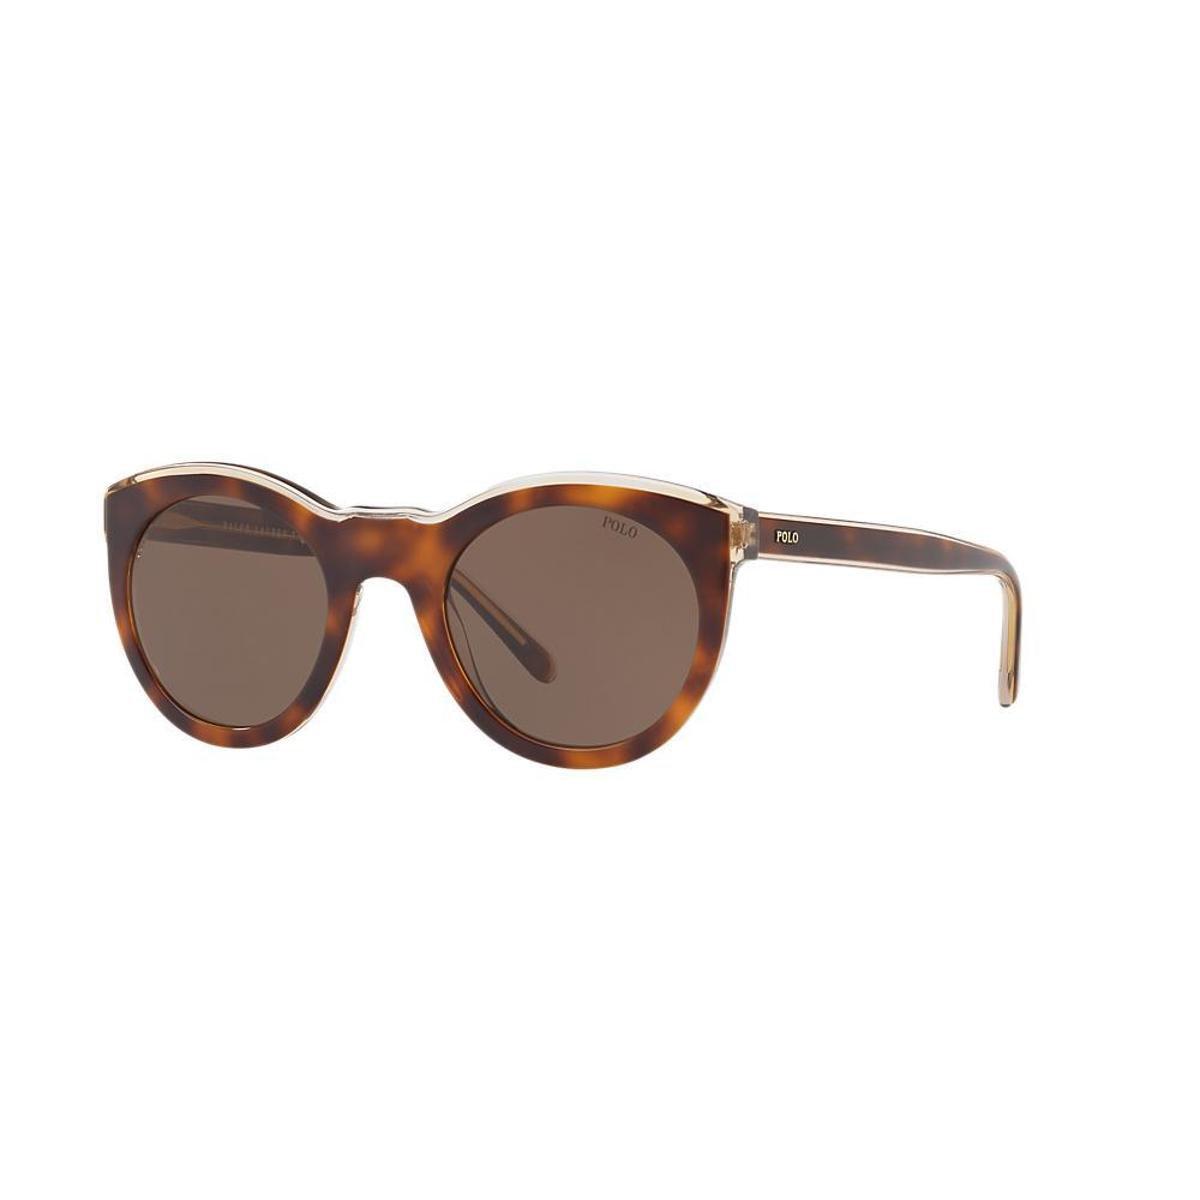 cb3118694e59c Óculos de Sol Polo Ralph Lauren Redondo PH4124 Feminino - Compre ...